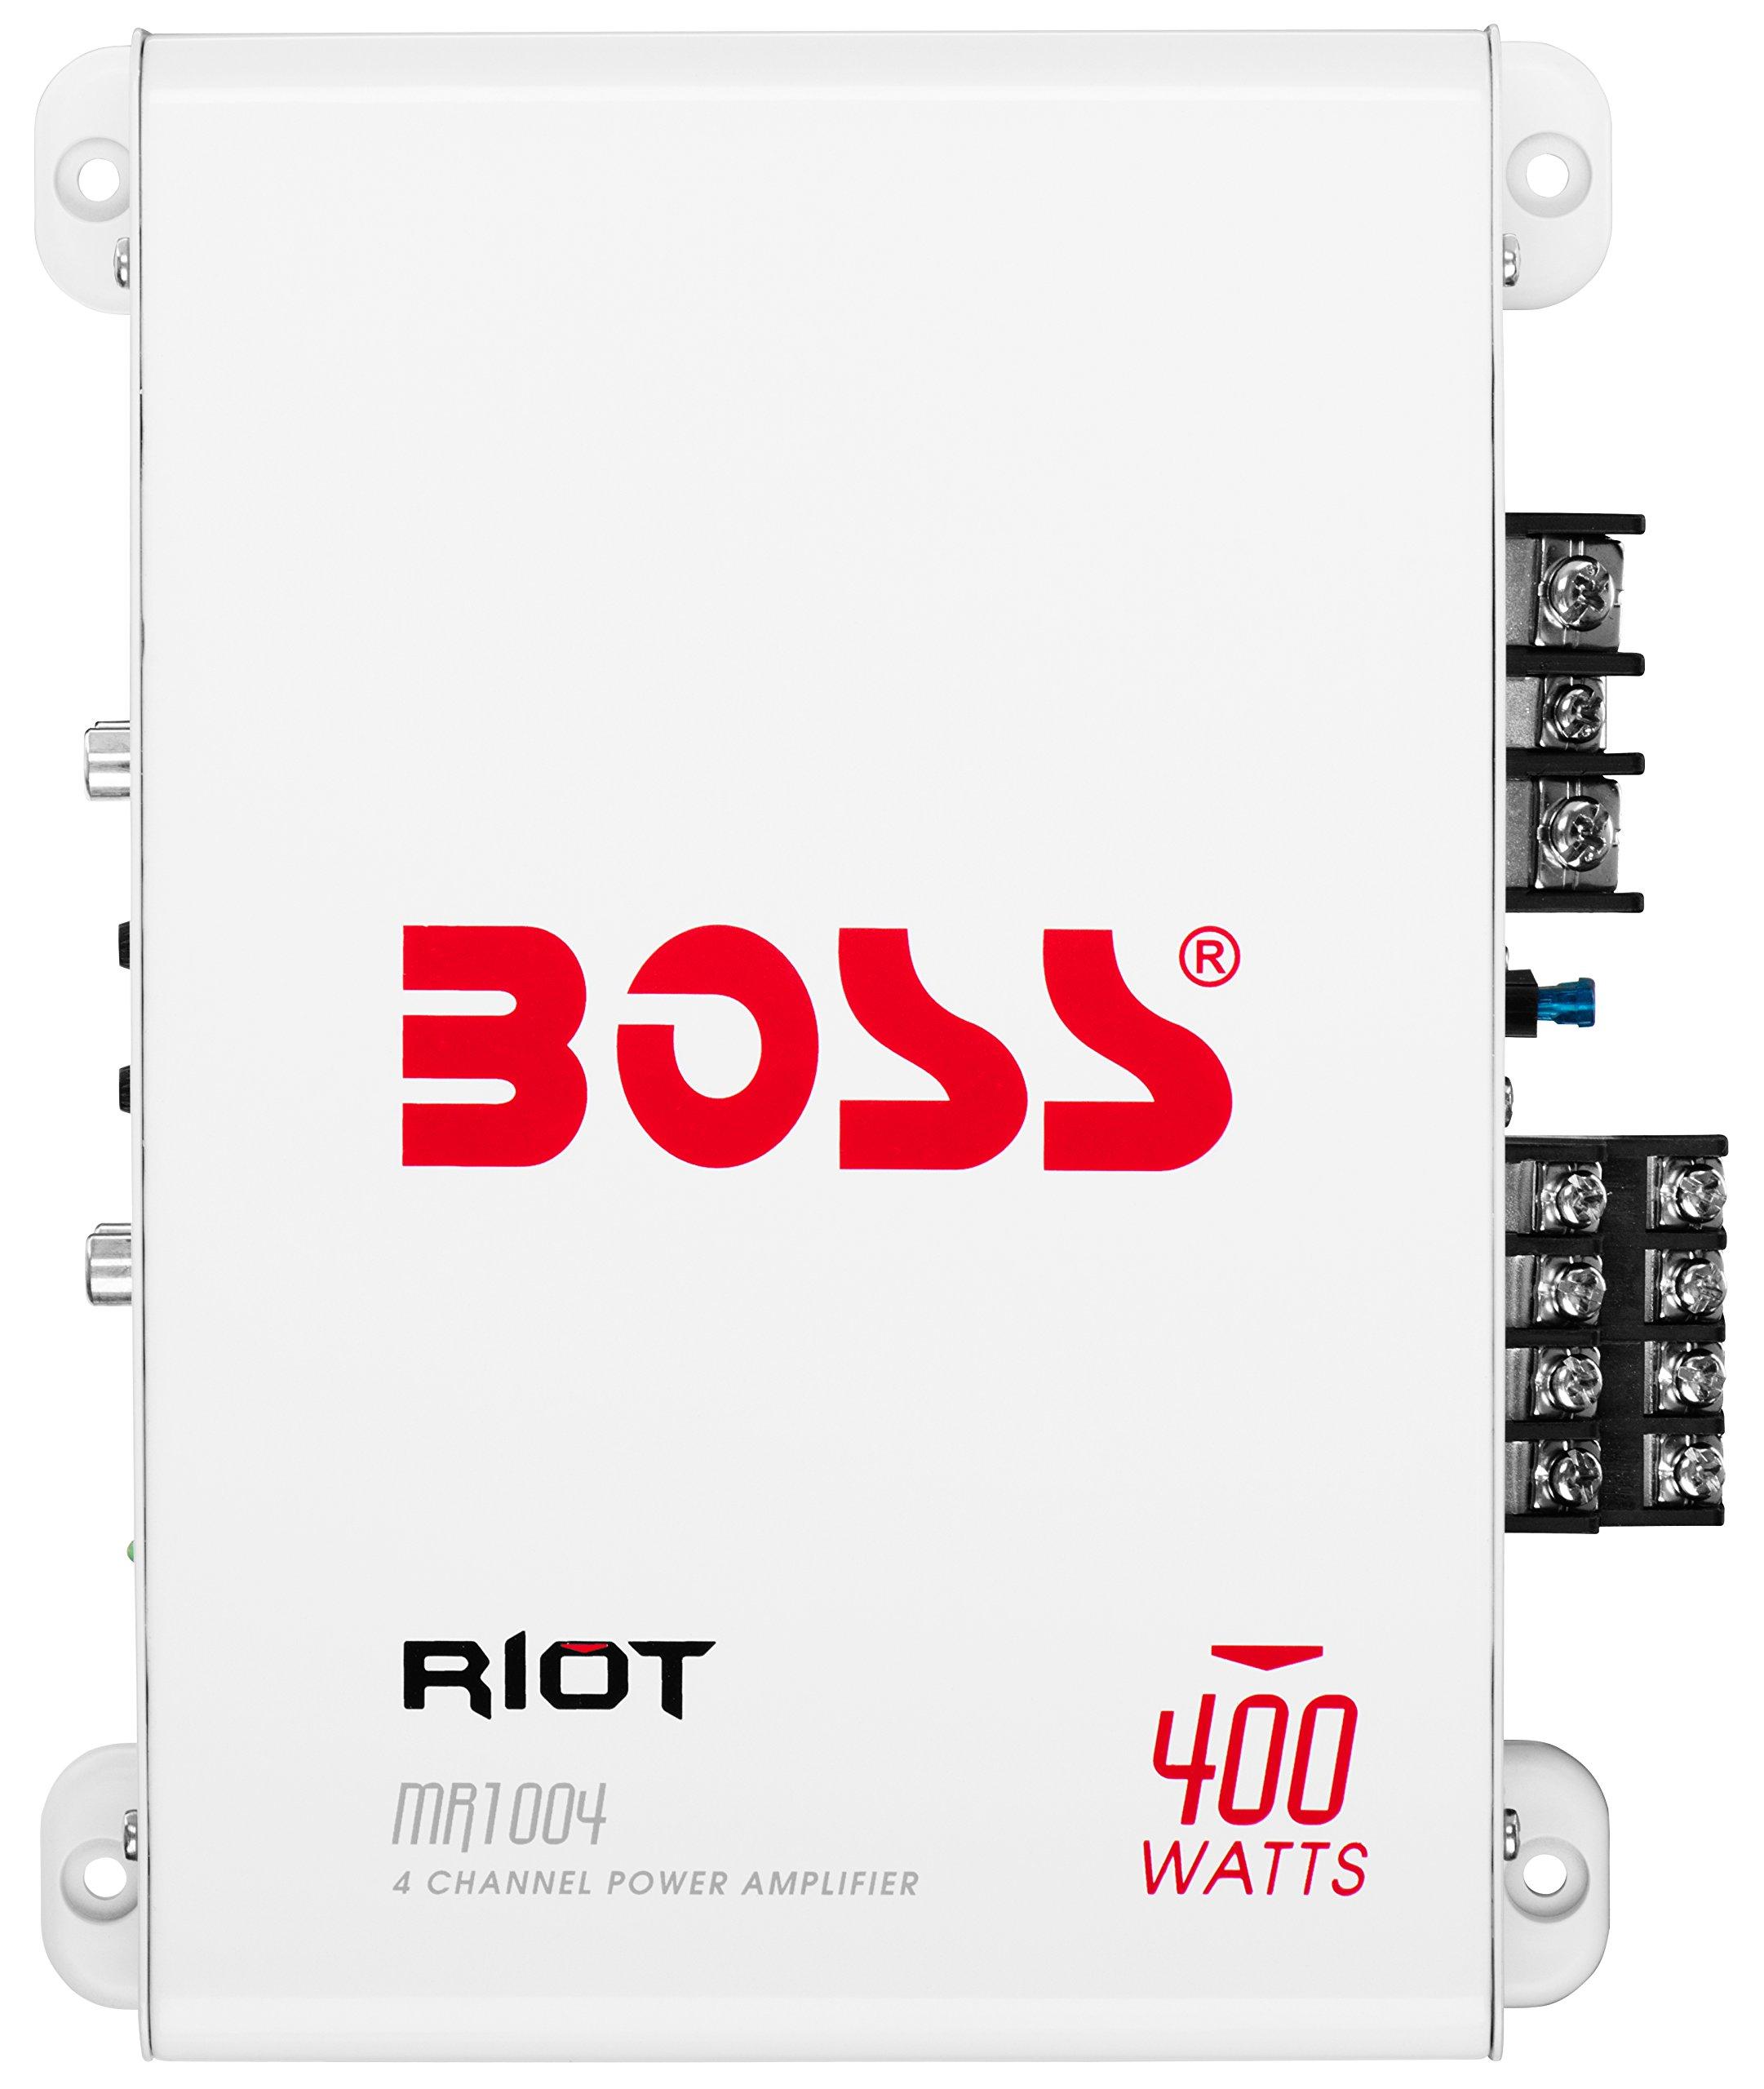 BOSS Audio MR1004 Marine Grade 400 Watt, 4 Channel, 2/4 Ohm Stable Class A/B, Full Range Amplifier